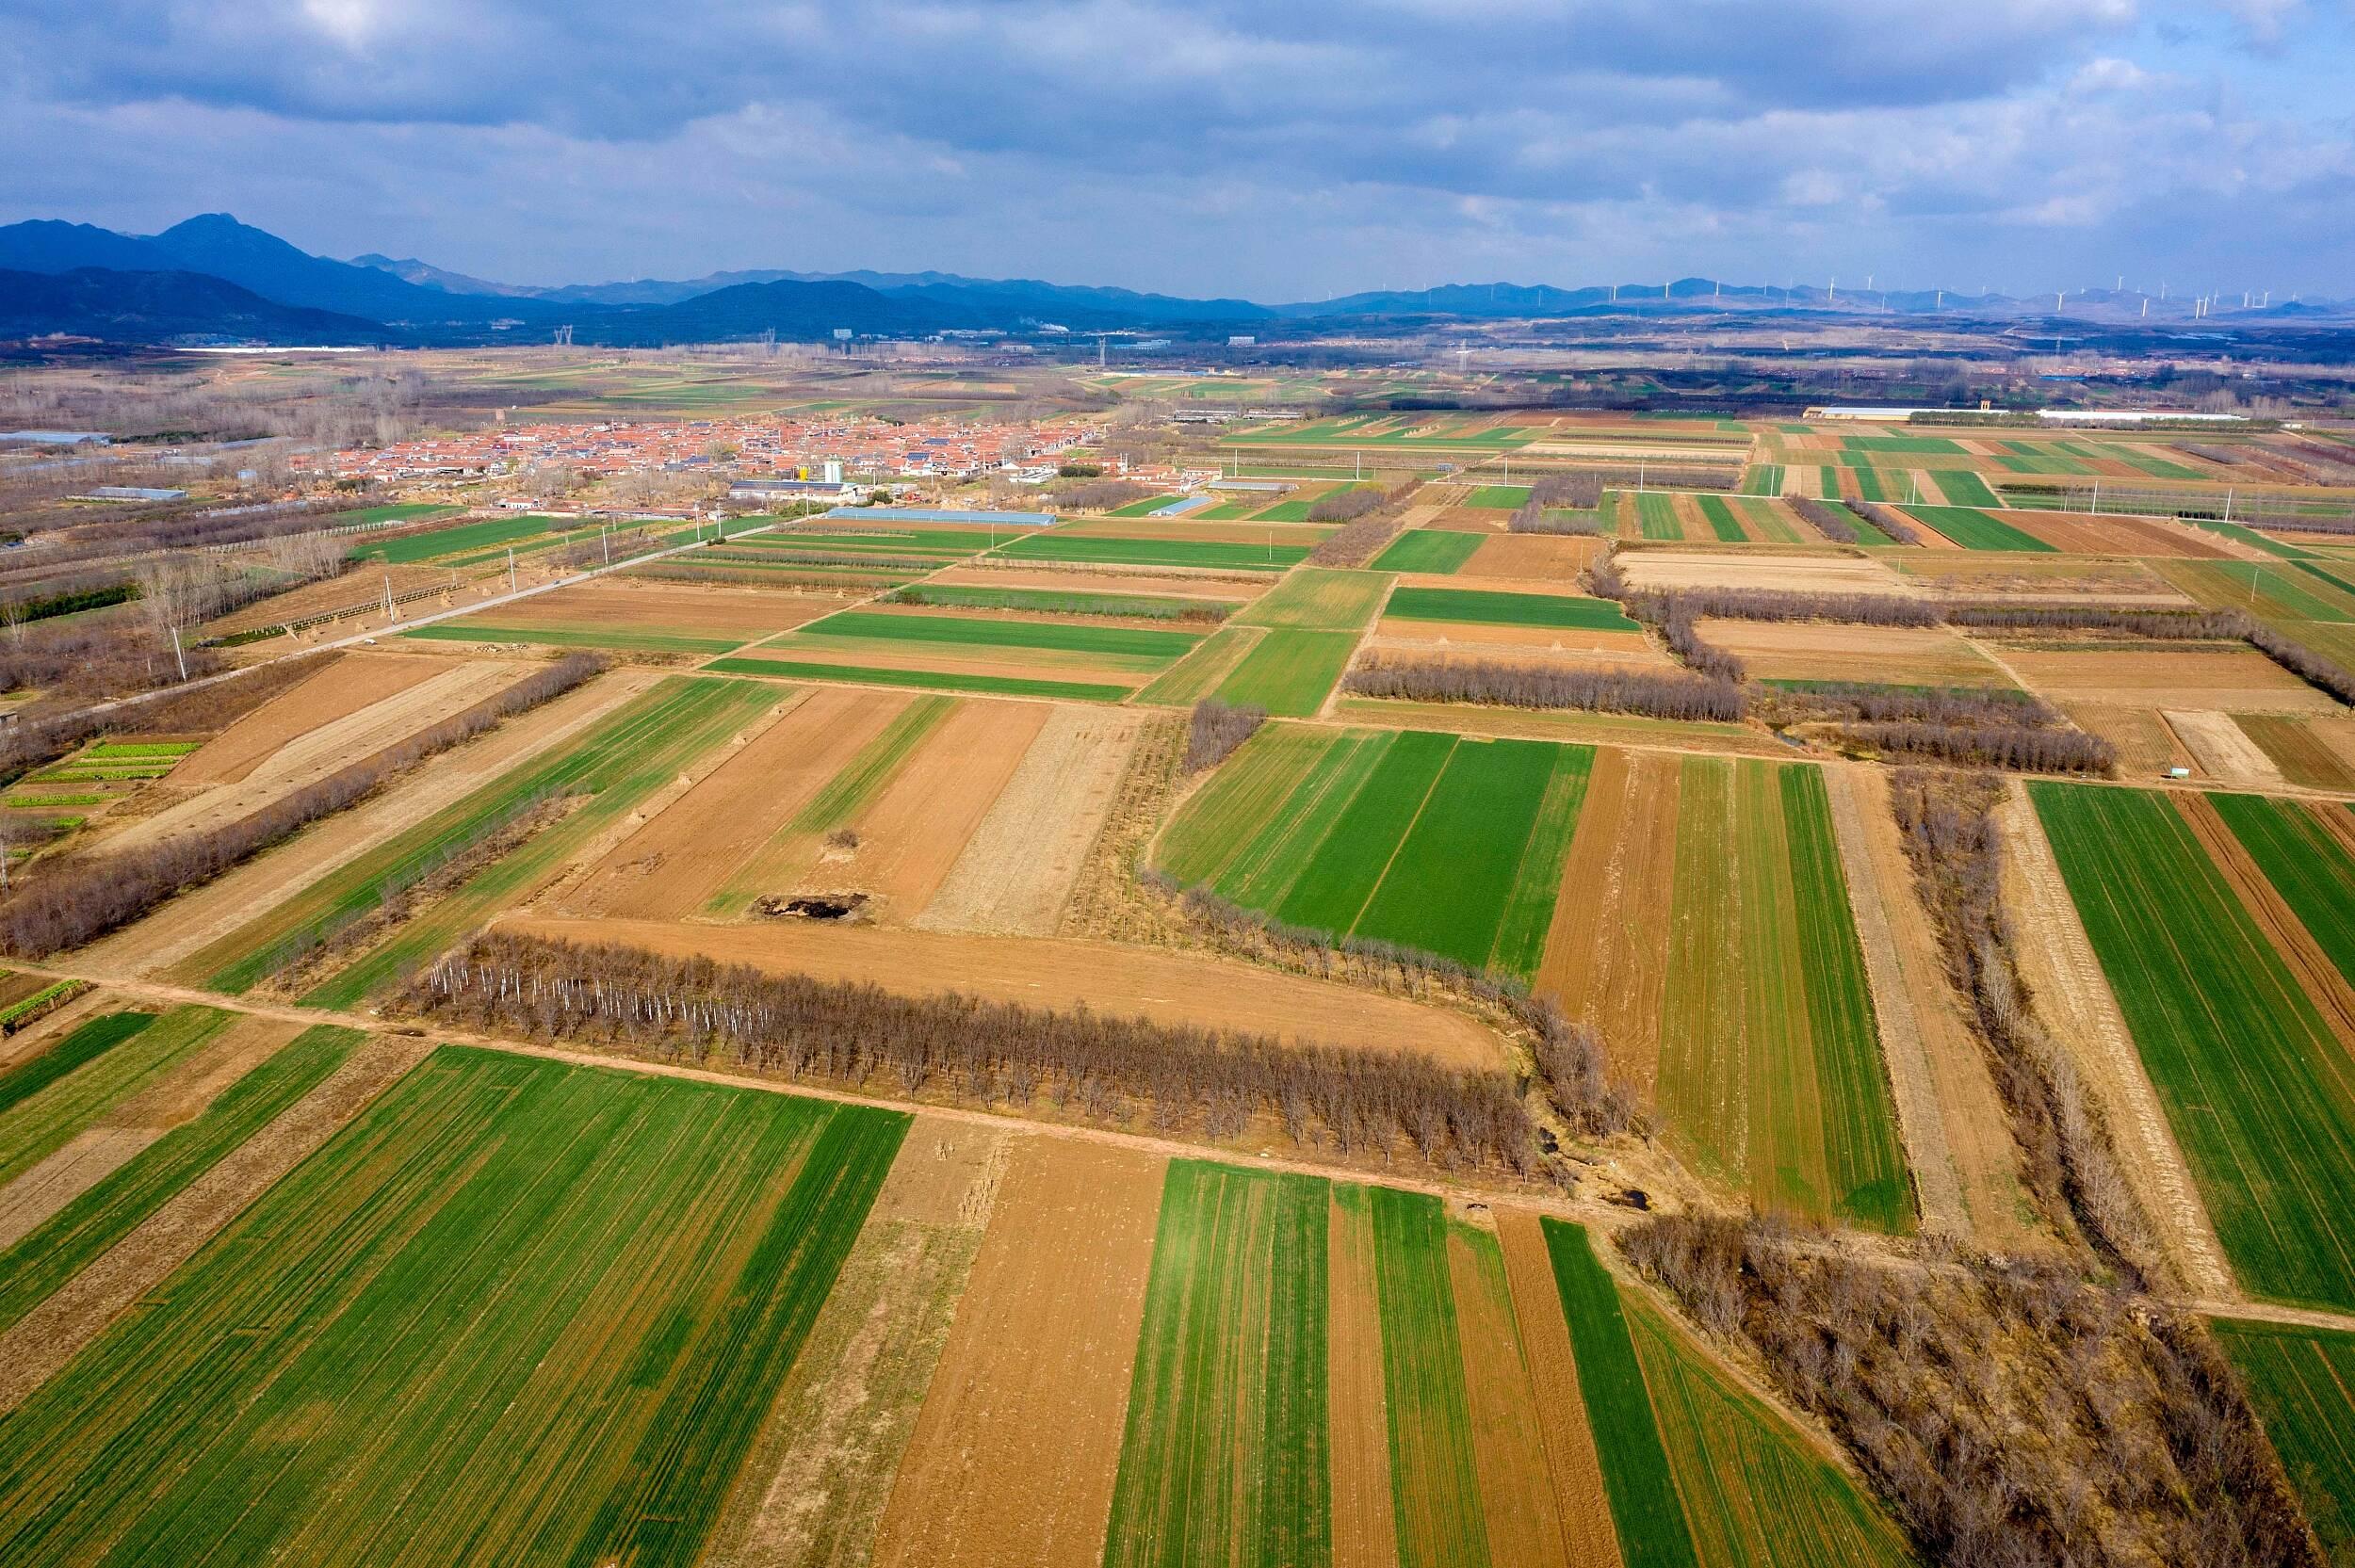 """着力打造中国特色现代化农业的""""鲁版""""富春山居图丨闪电评论"""